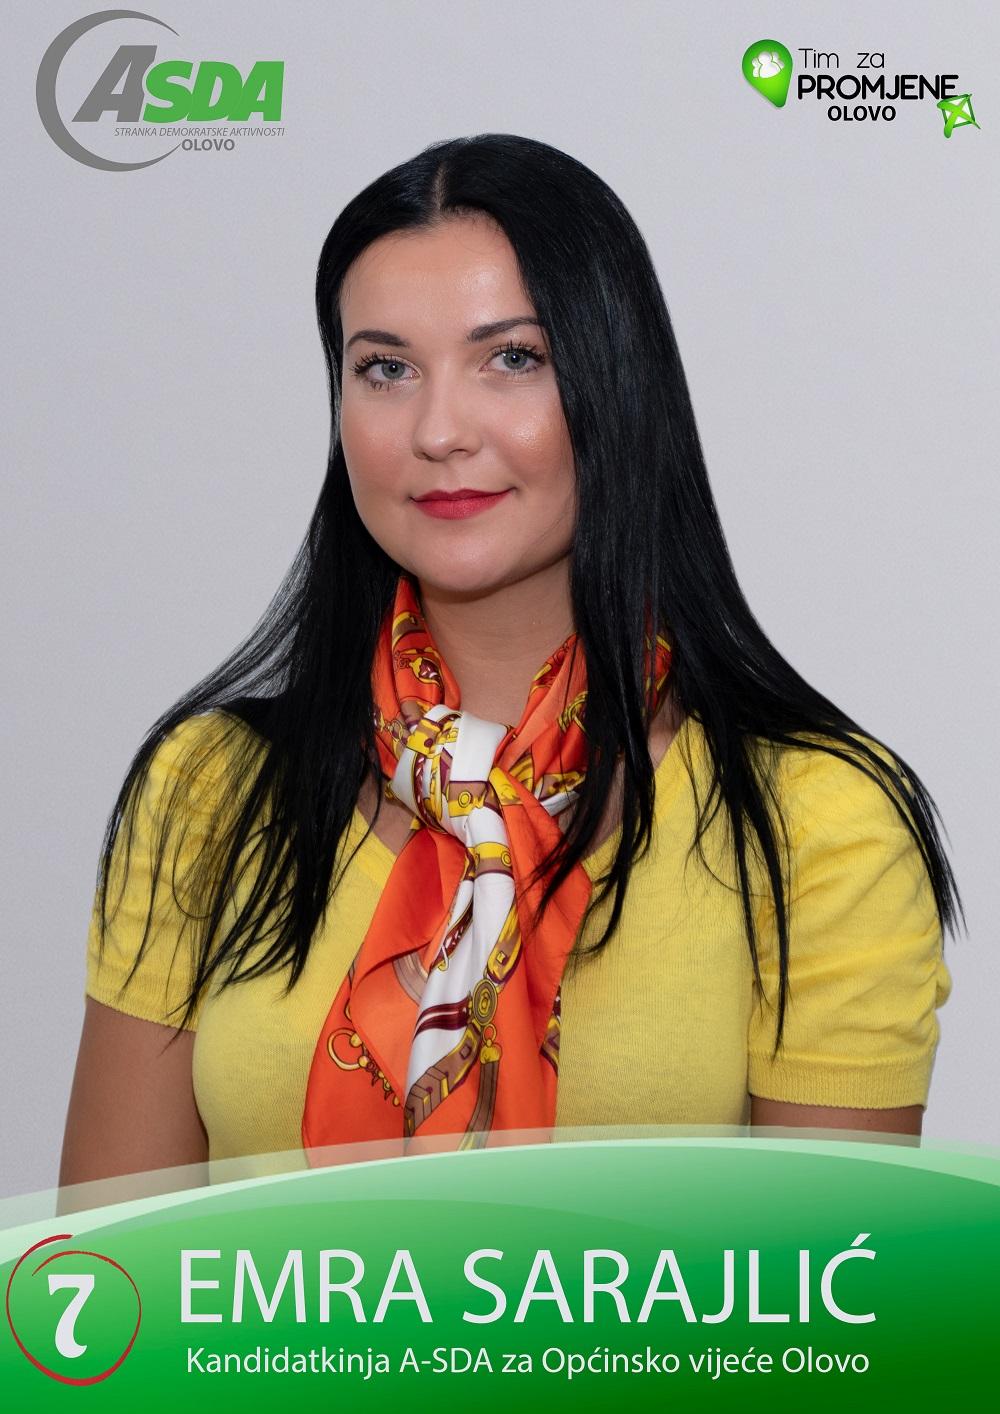 Emra Sarajlić